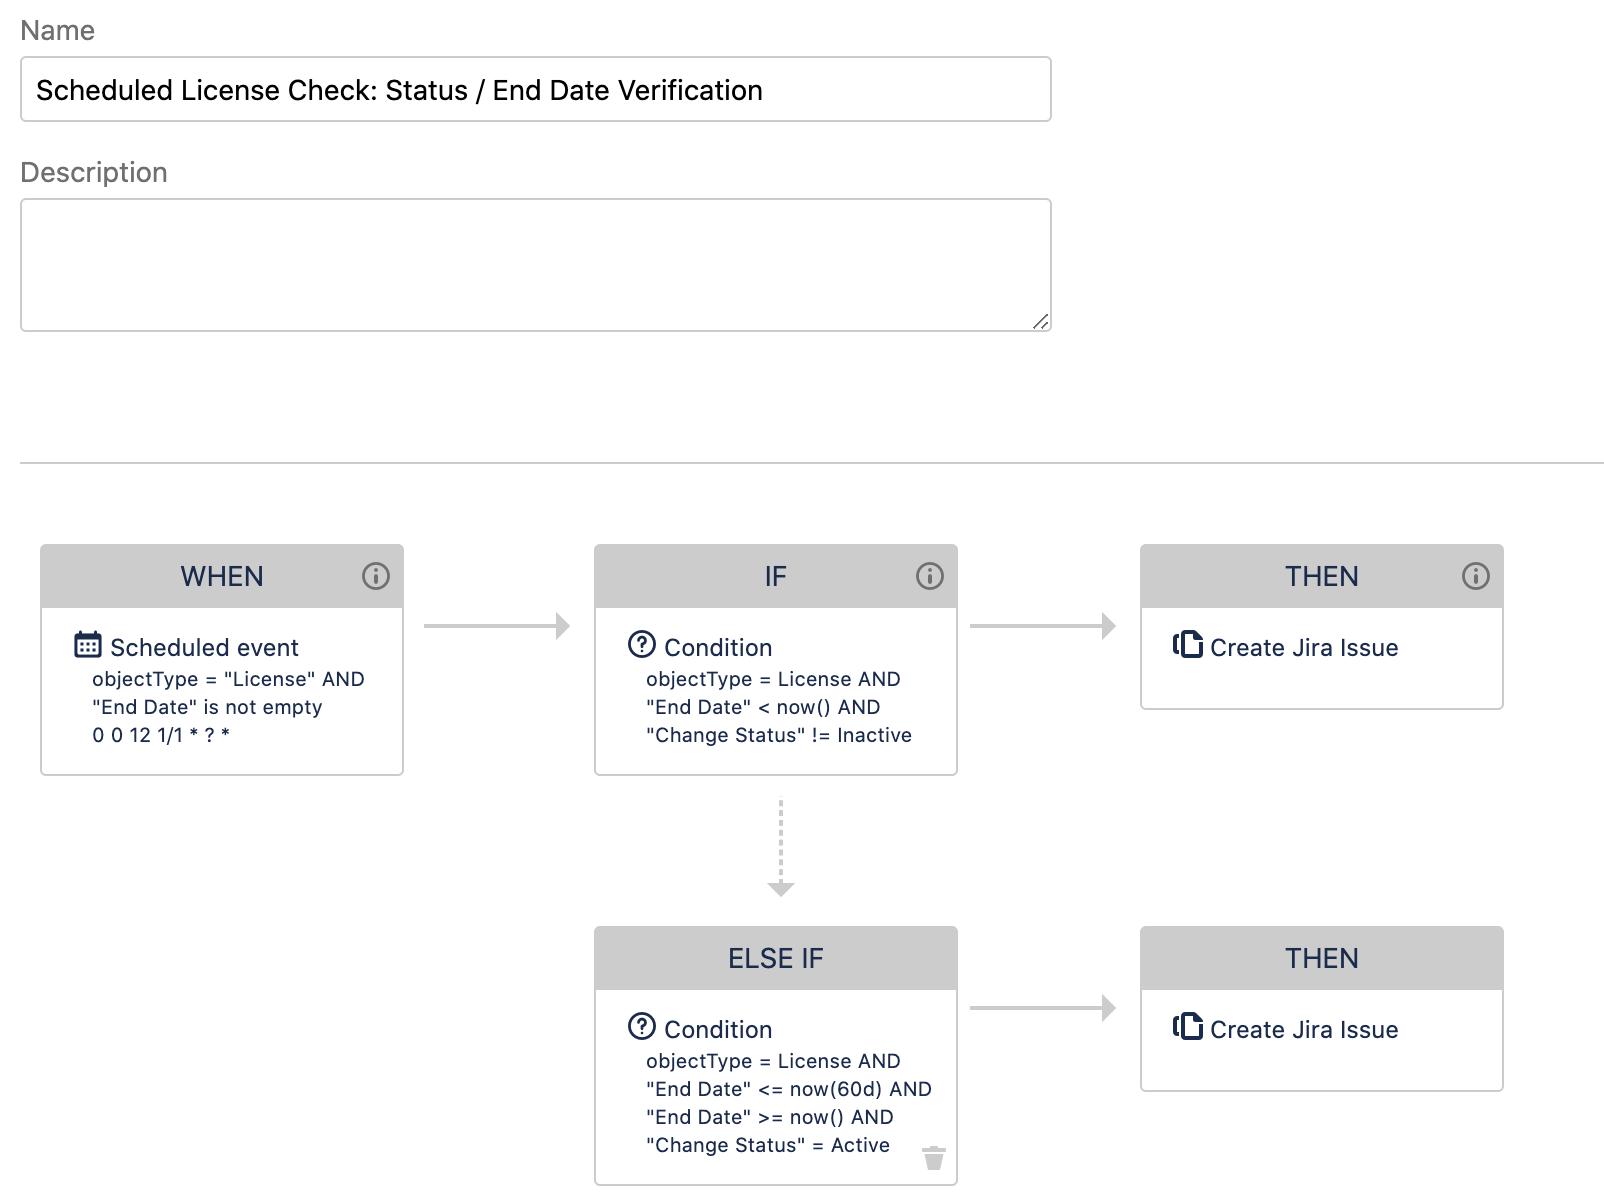 Regola di automazione di Insight per creare ticket Jira in caso di scadenza delle licenze.